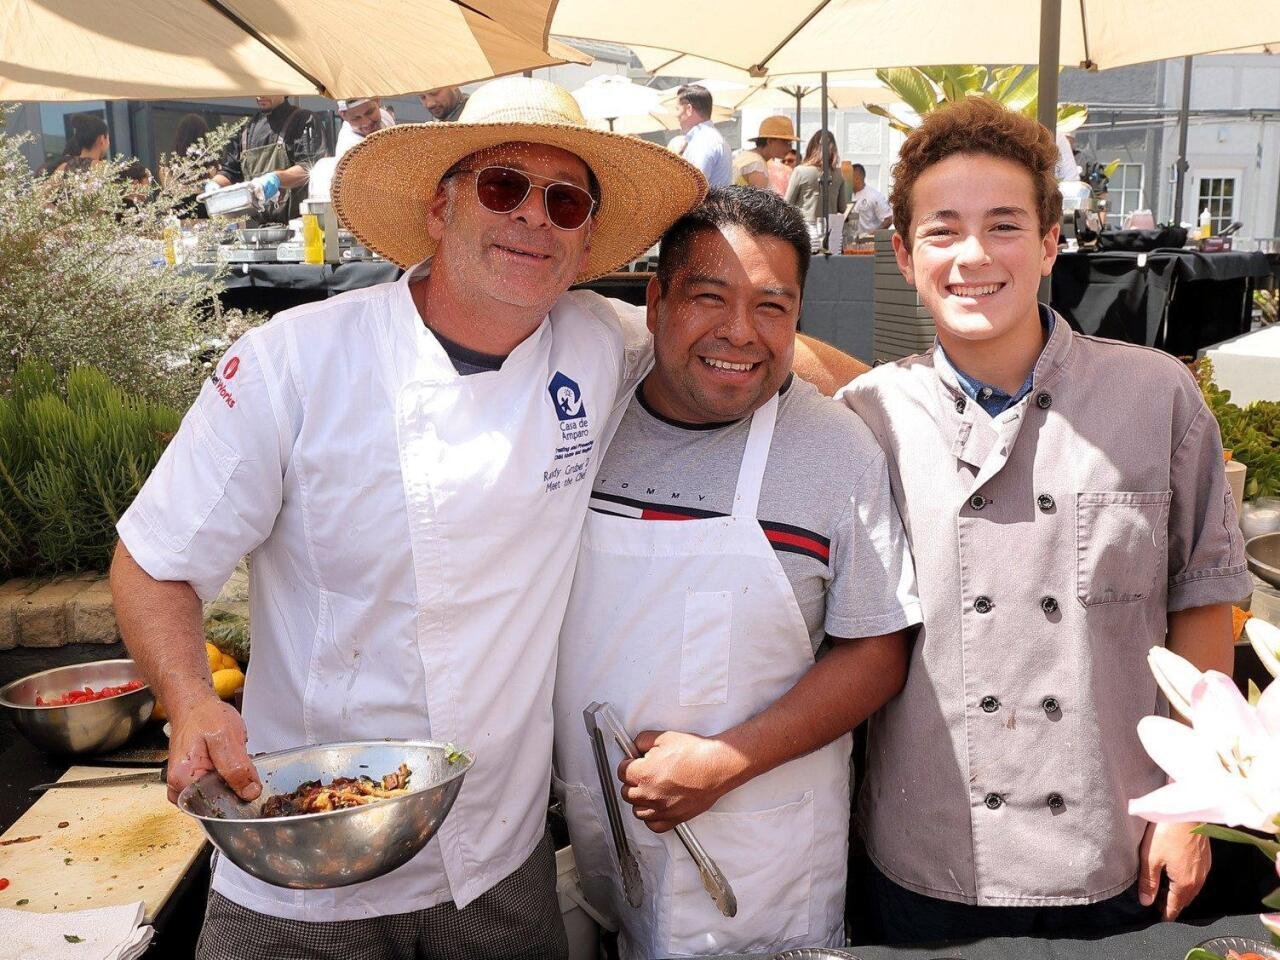 23rd Annual Meet The Chefs